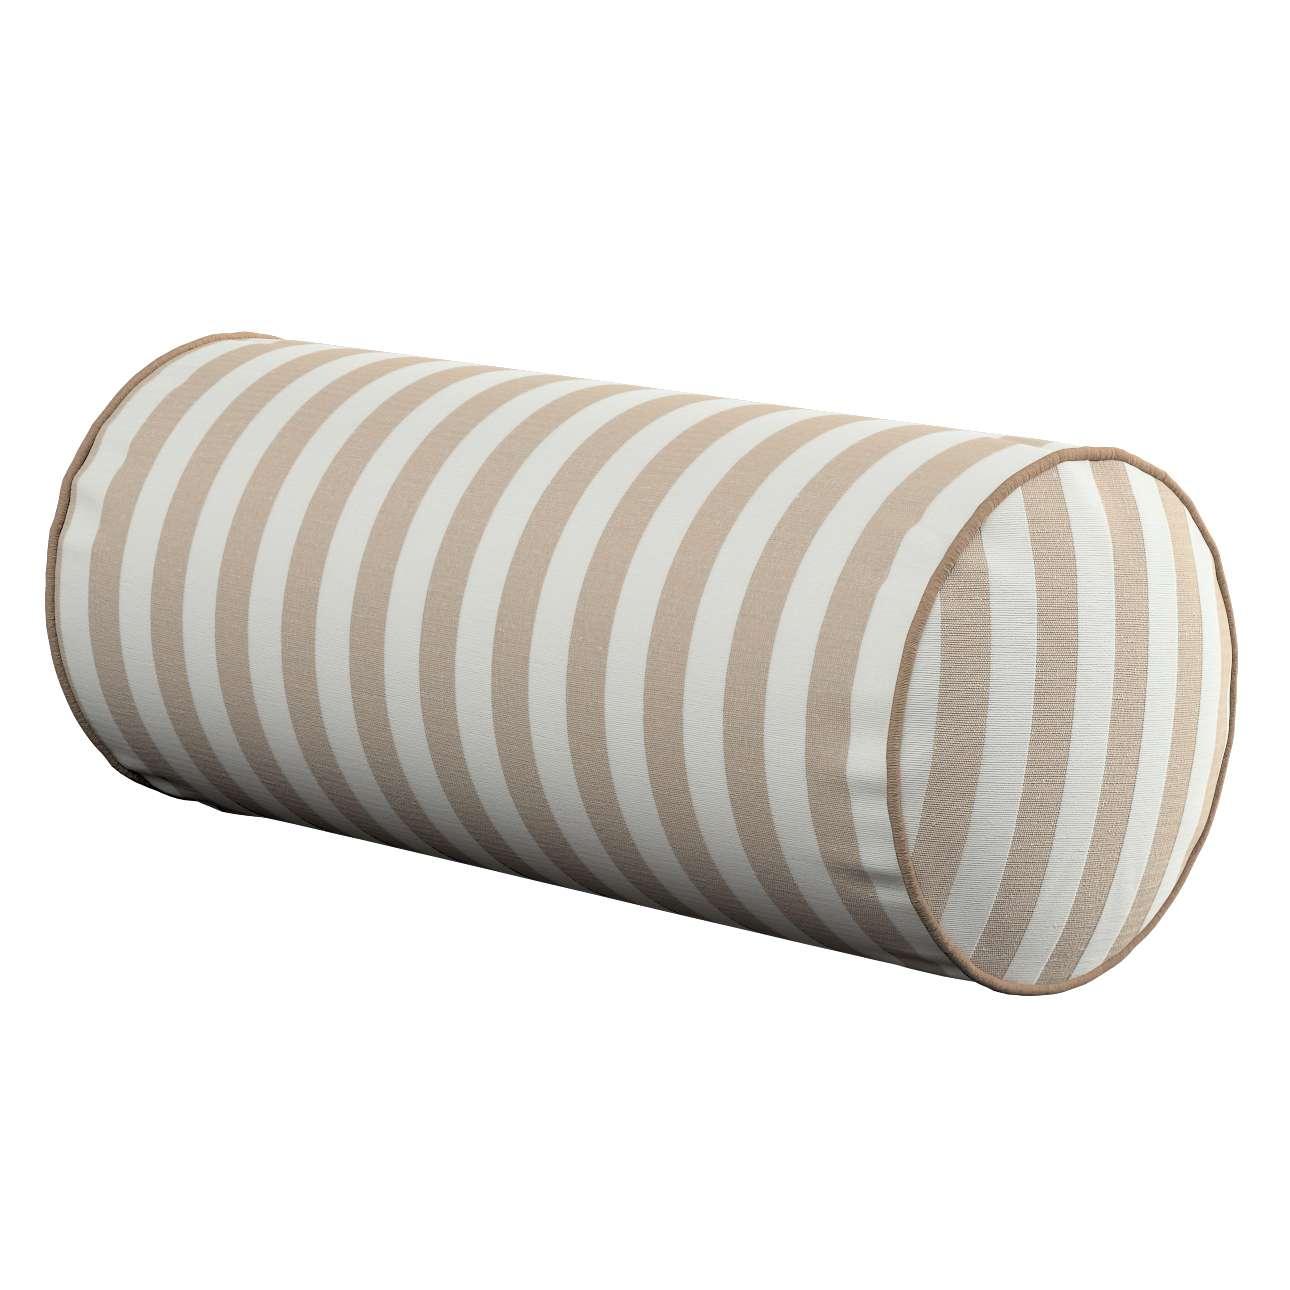 Poduszka wałek prosty Ø 16 x 40 cm w kolekcji Quadro, tkanina: 136-07